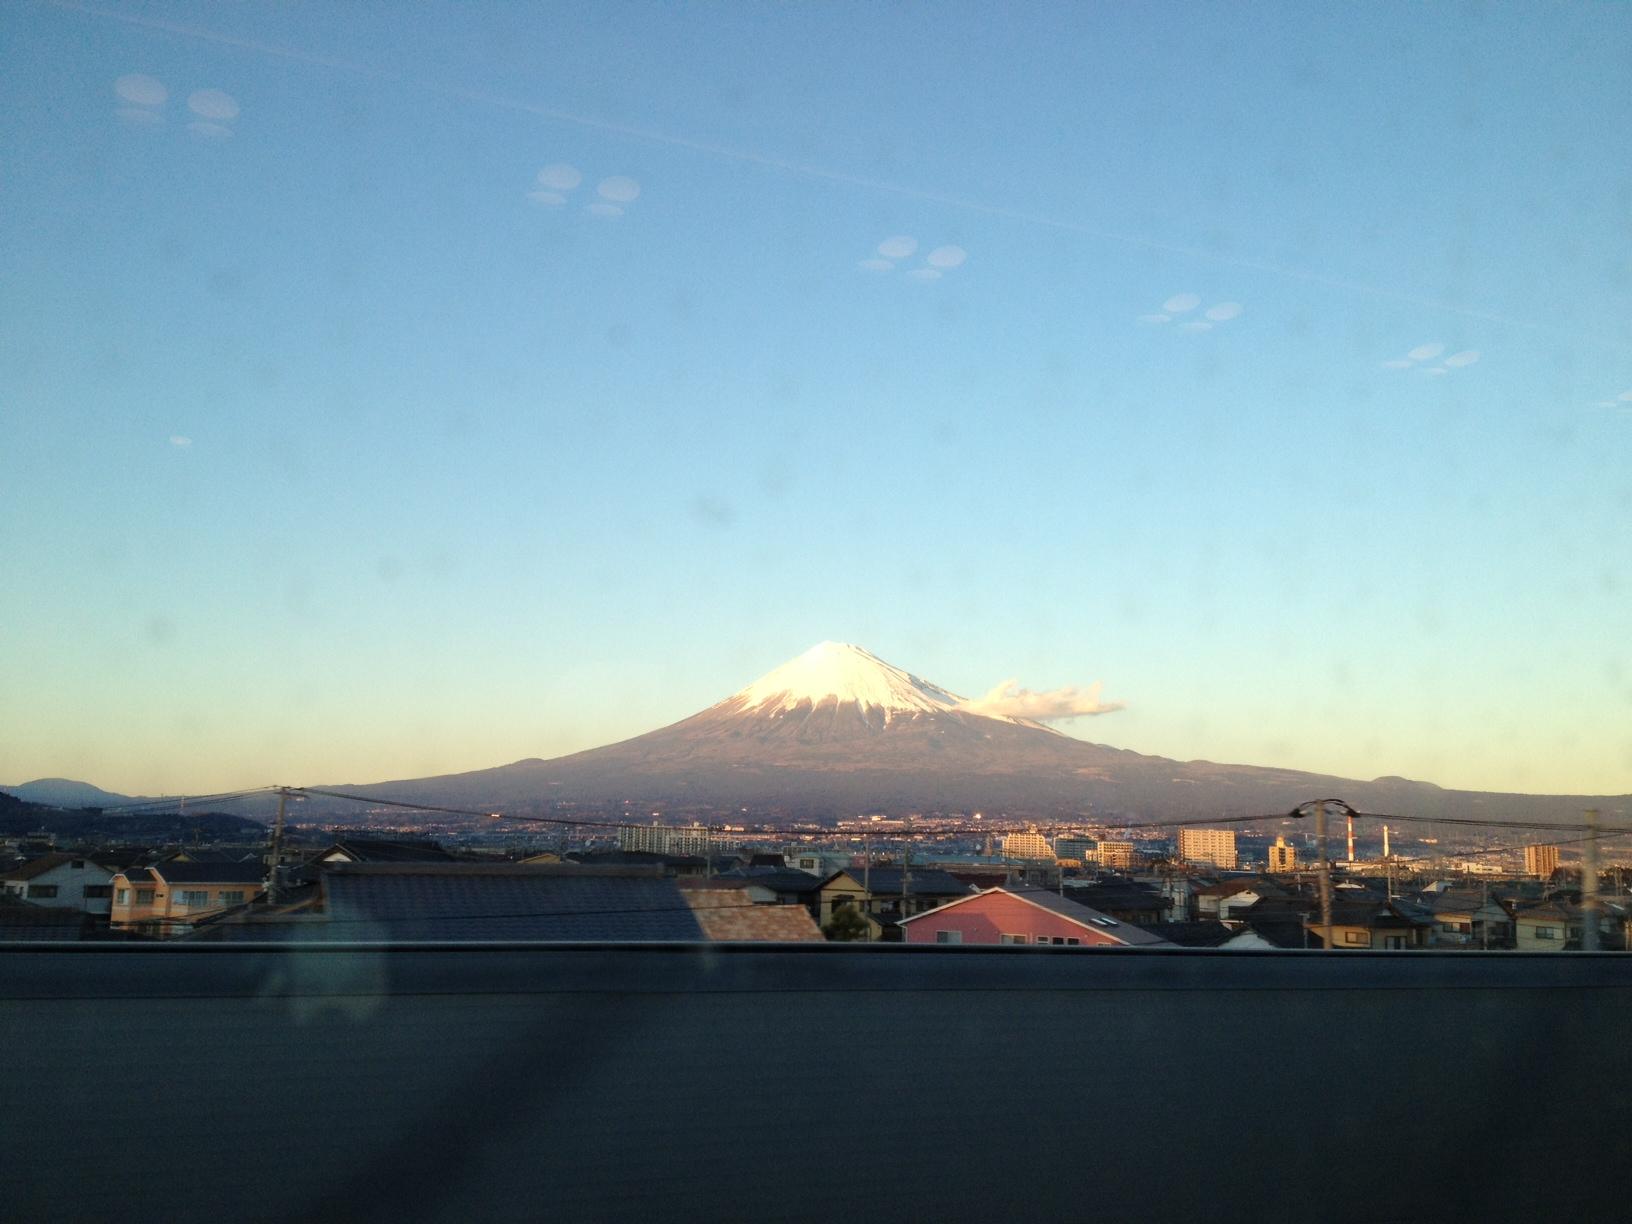 京都旅行の写真を掲載します_b0115553_1465411.jpg